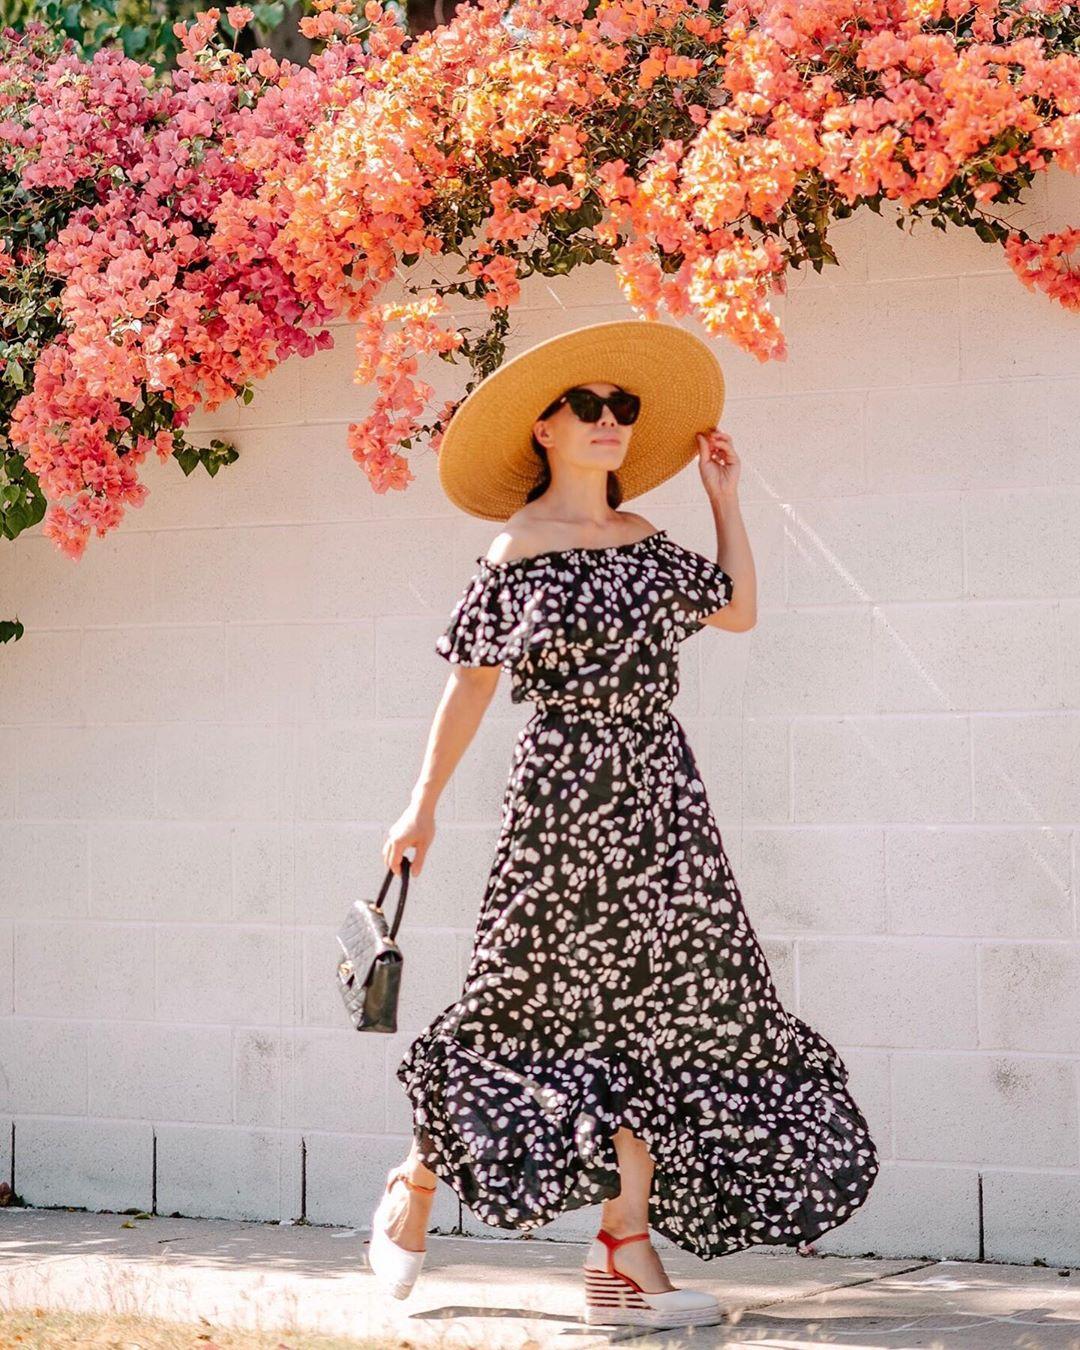 váy mùa hè trễ vai chấm bi trắng đen, mũ rộng vành